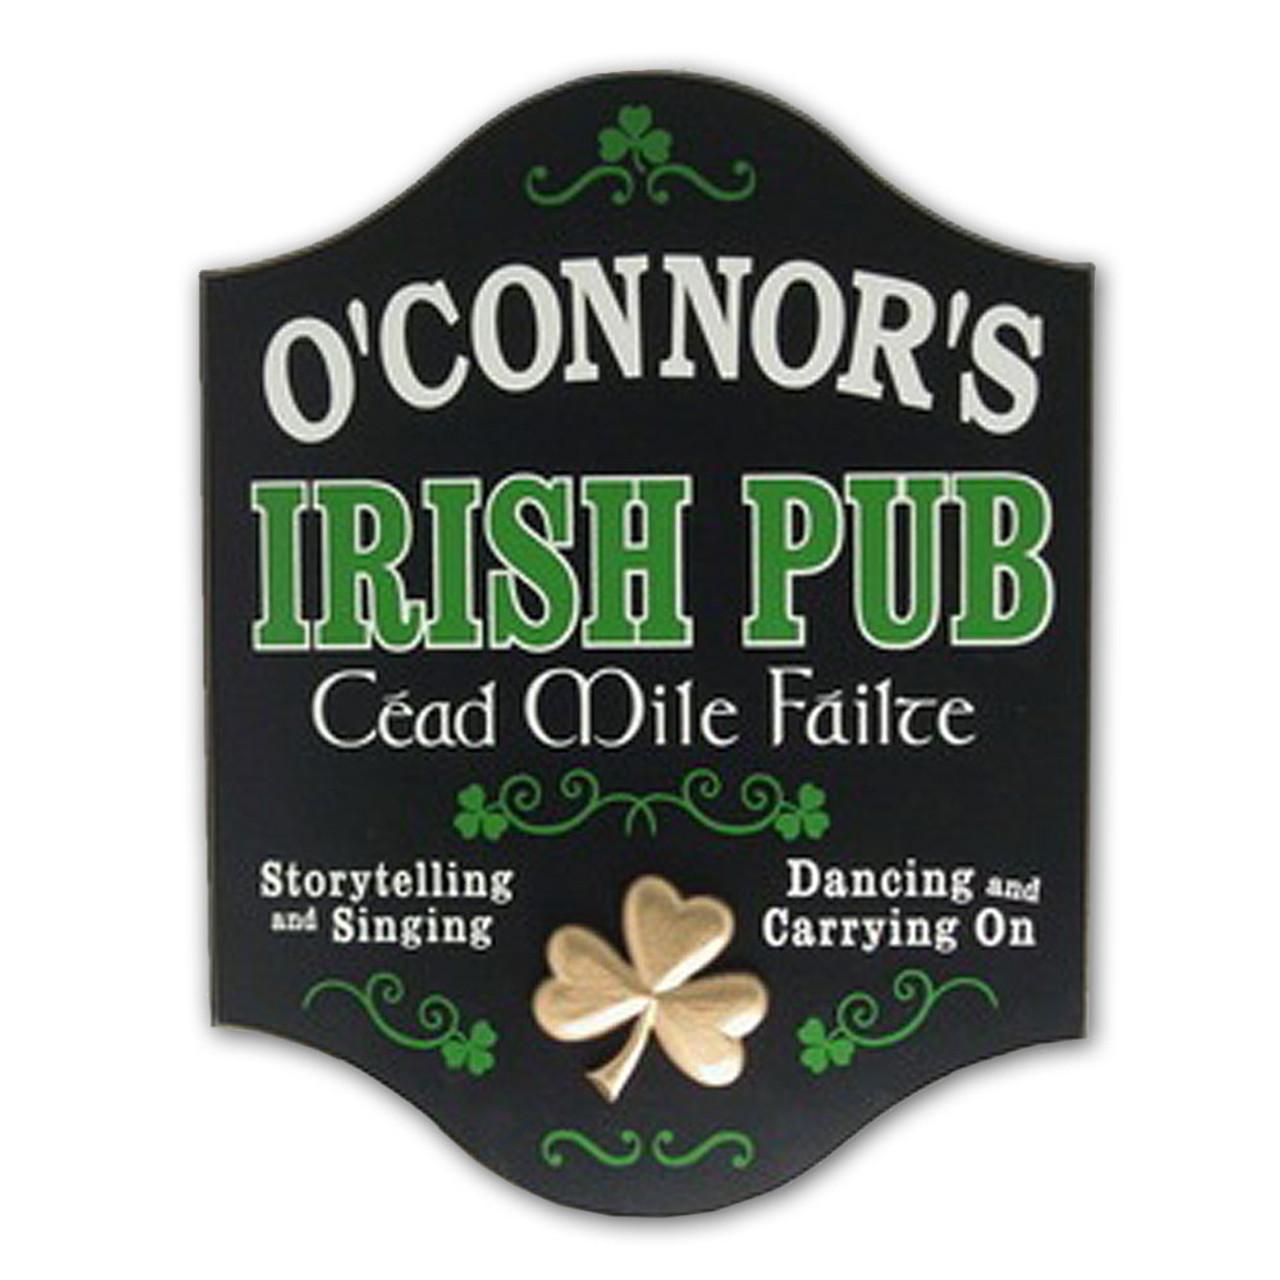 Cead Mile Failte Personalized Irish Pub Plaque